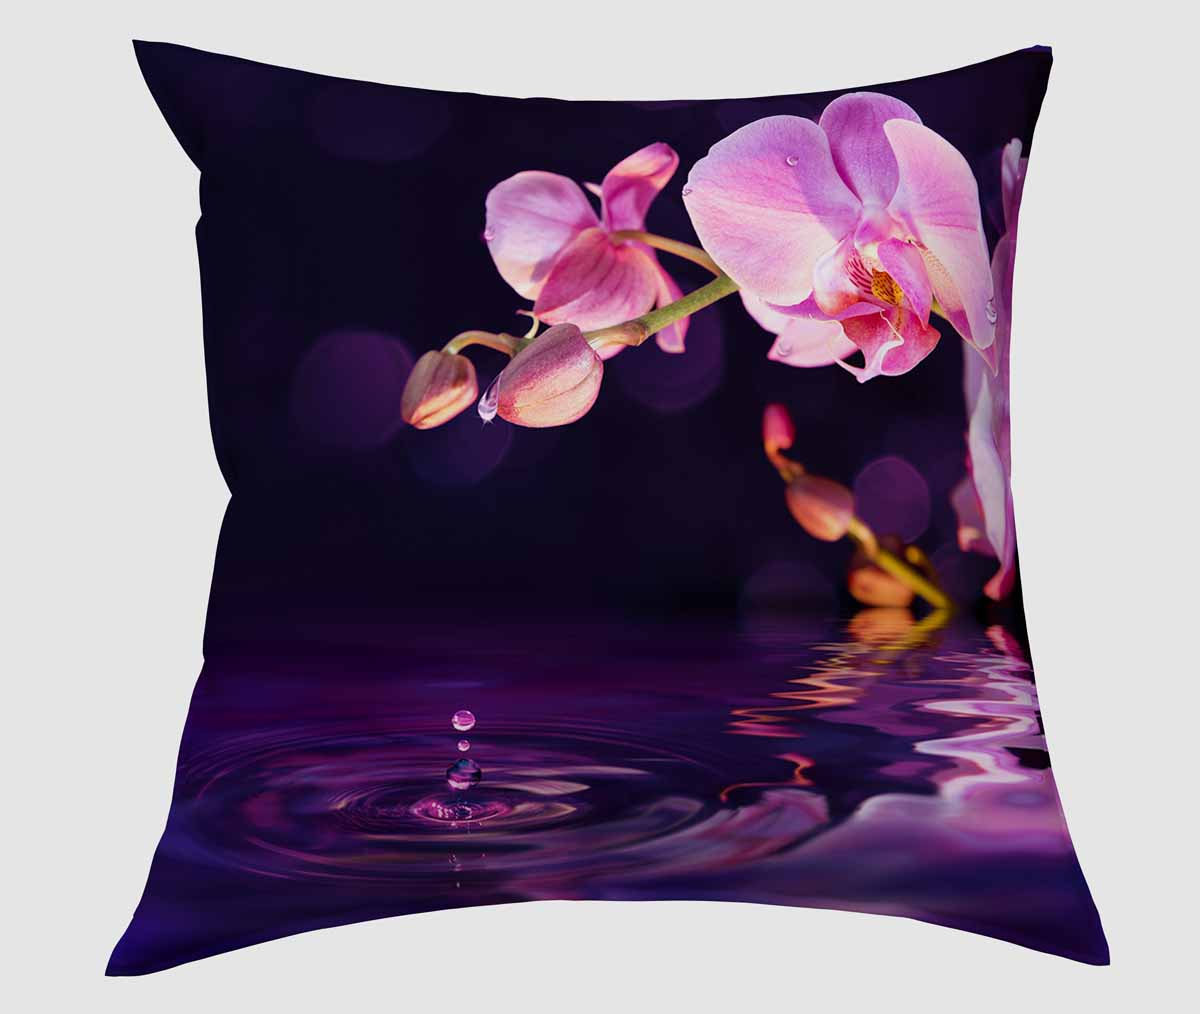 Подушка декоративная Сирень Орхидея над водой, 40 х 40 смSVC-300Декоративная подушка Сирень Орхидея над водой, изготовленная из габардина (100% полиэстер), прекрасно дополнит интерьер спальни или гостиной. Подушка оформлена красочным изображением. Внутри - мягкий наполнитель из холлофайбера (100% полиэстер). Красивая подушка создаст атмосферу тепла и уюта в спальне и станет прекрасным элементом декора.